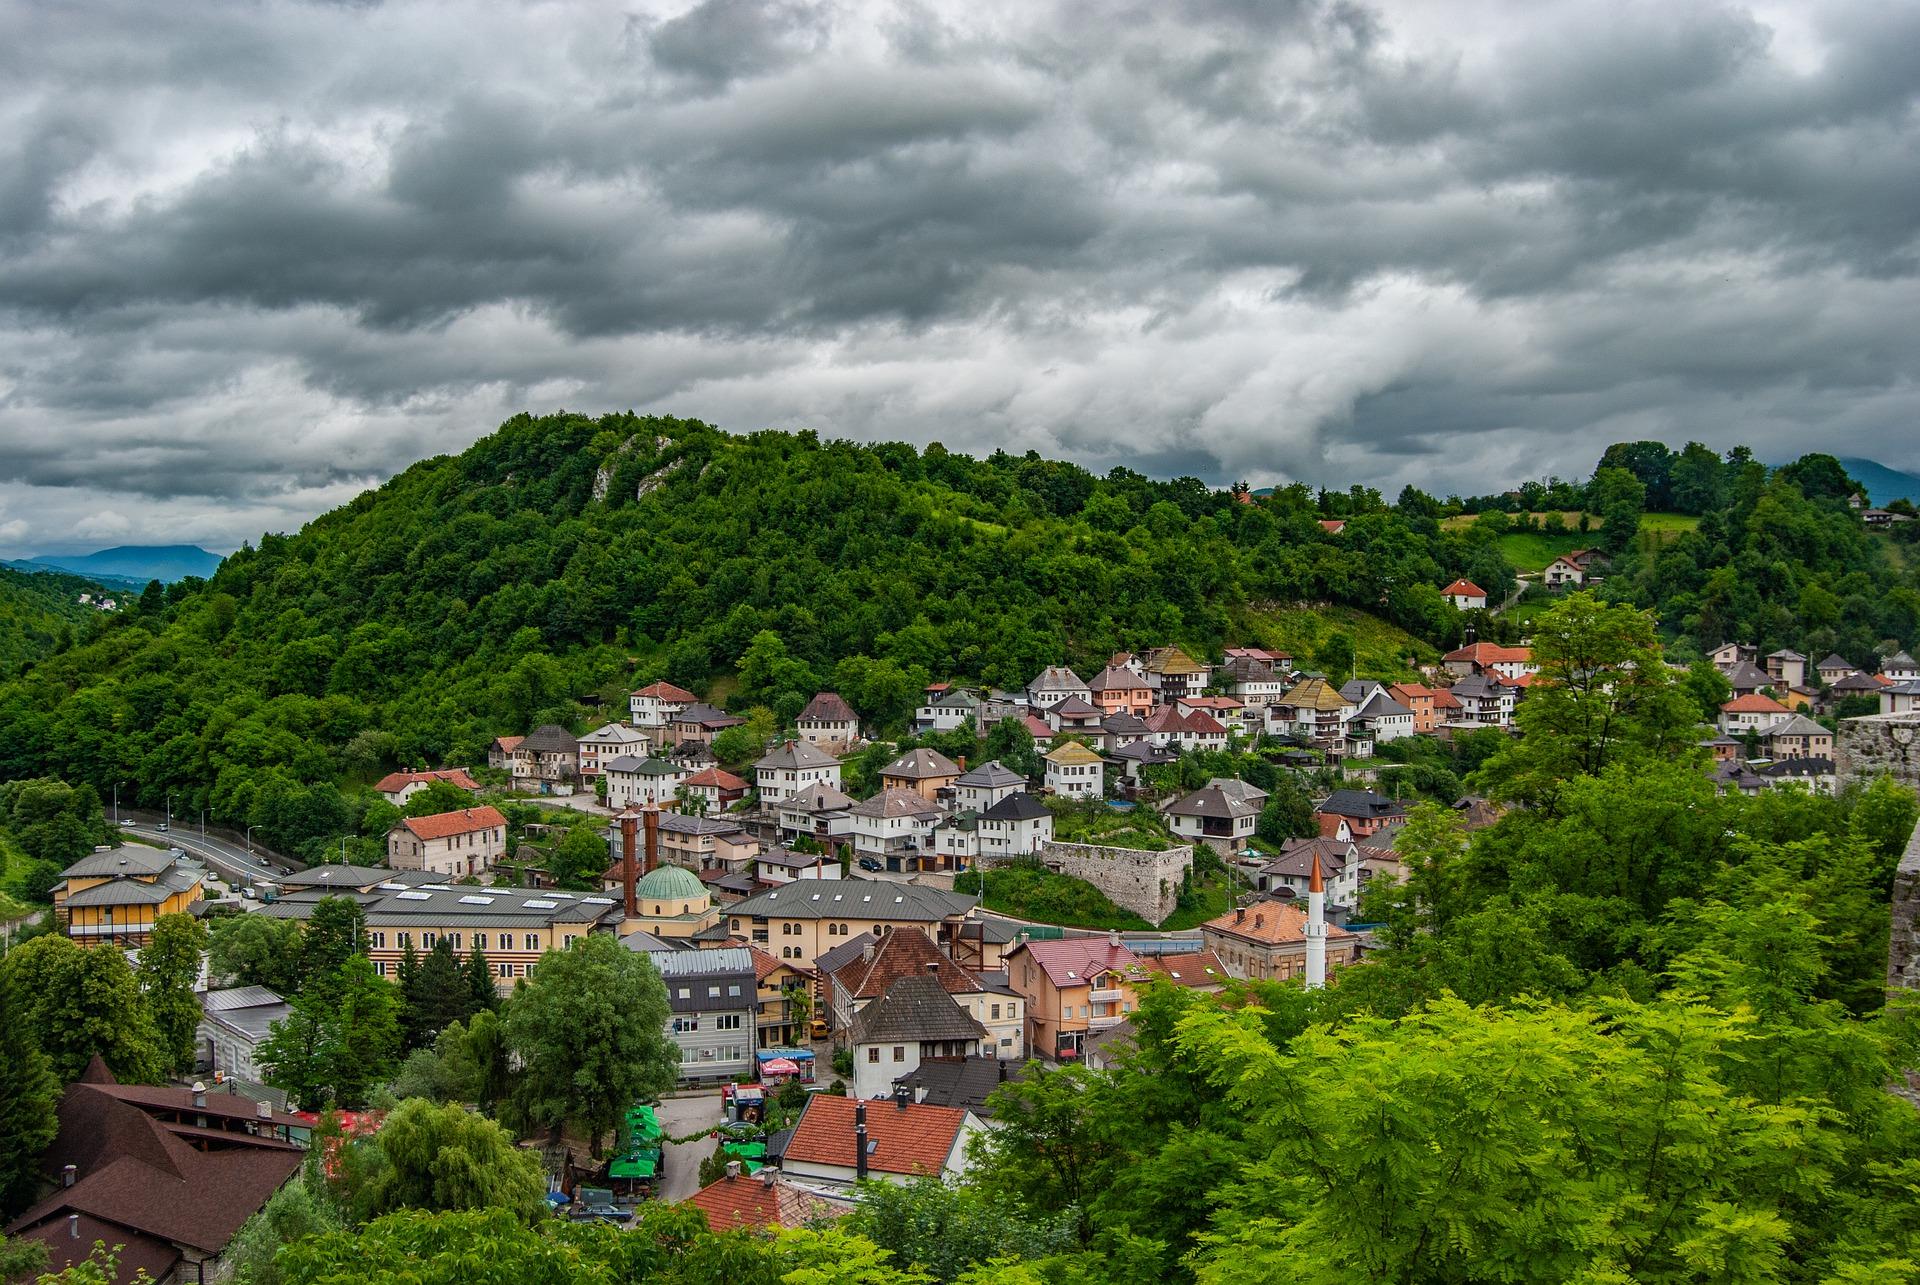 أجمل الأماكن السياحية في مدينة ترافنيك